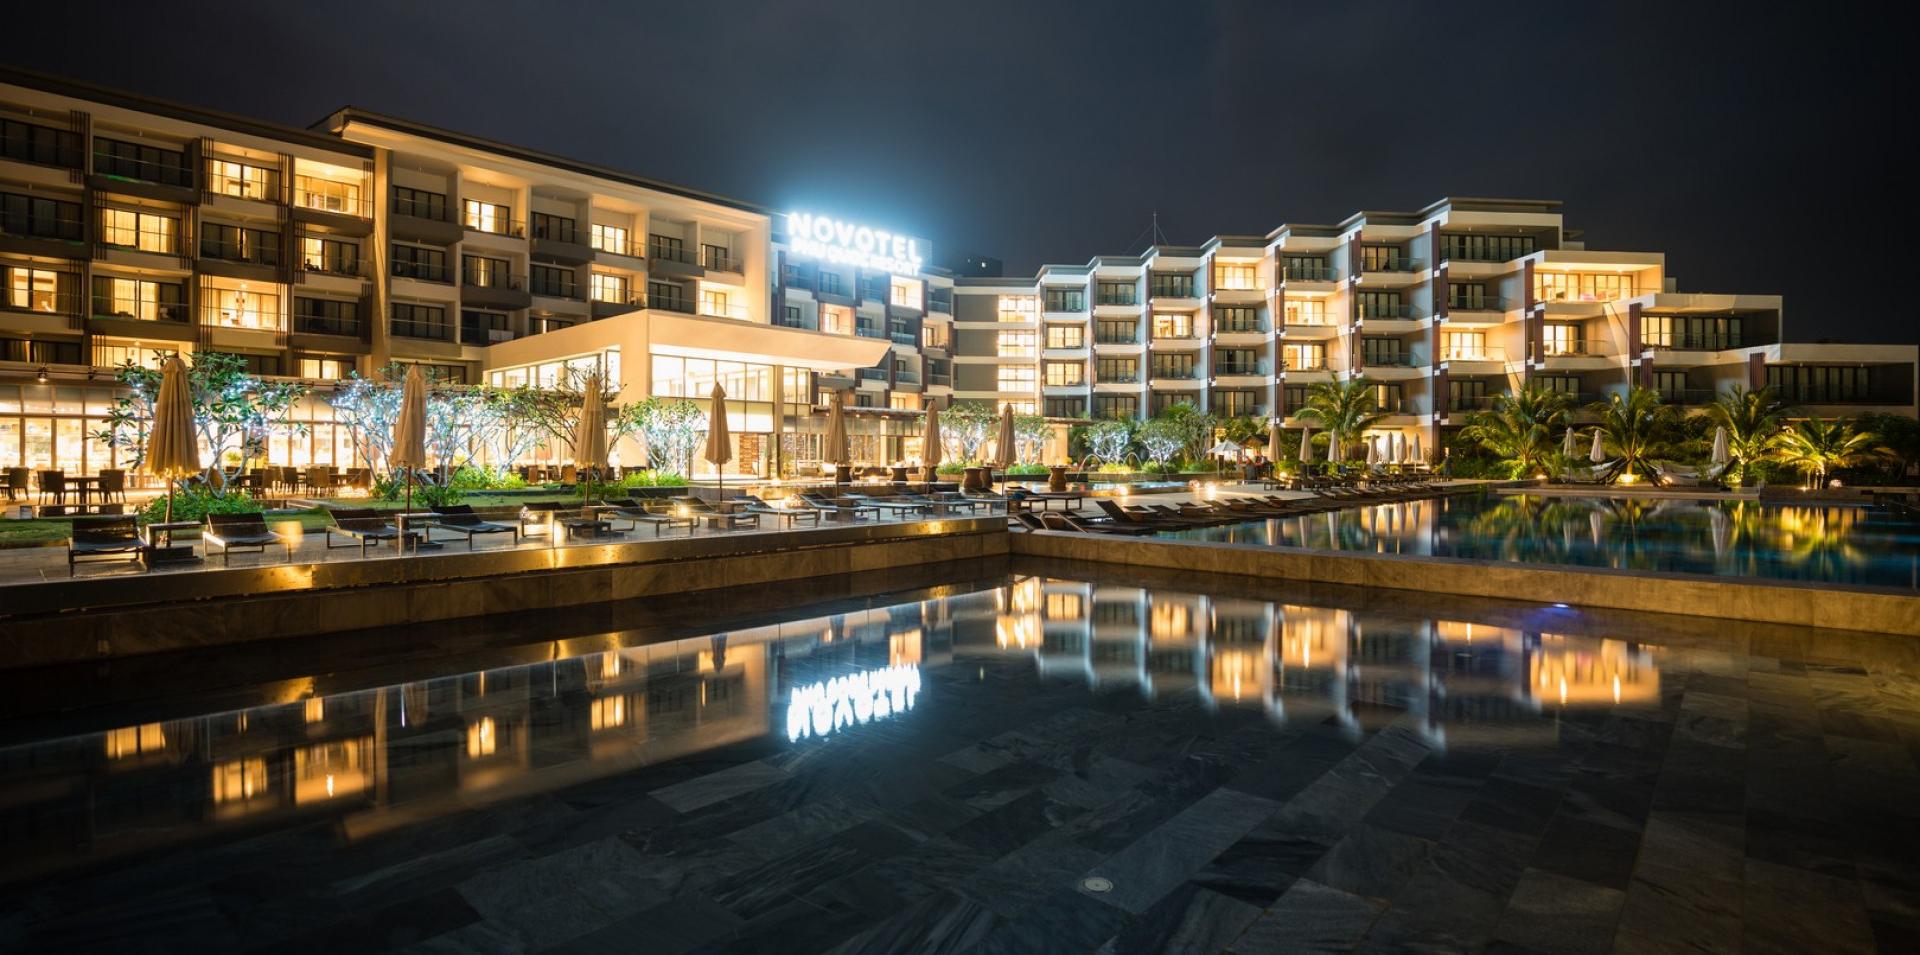 Nhà phát triển Bất động sản uy tín nhất Việt Nam - Tập đoàn CEO